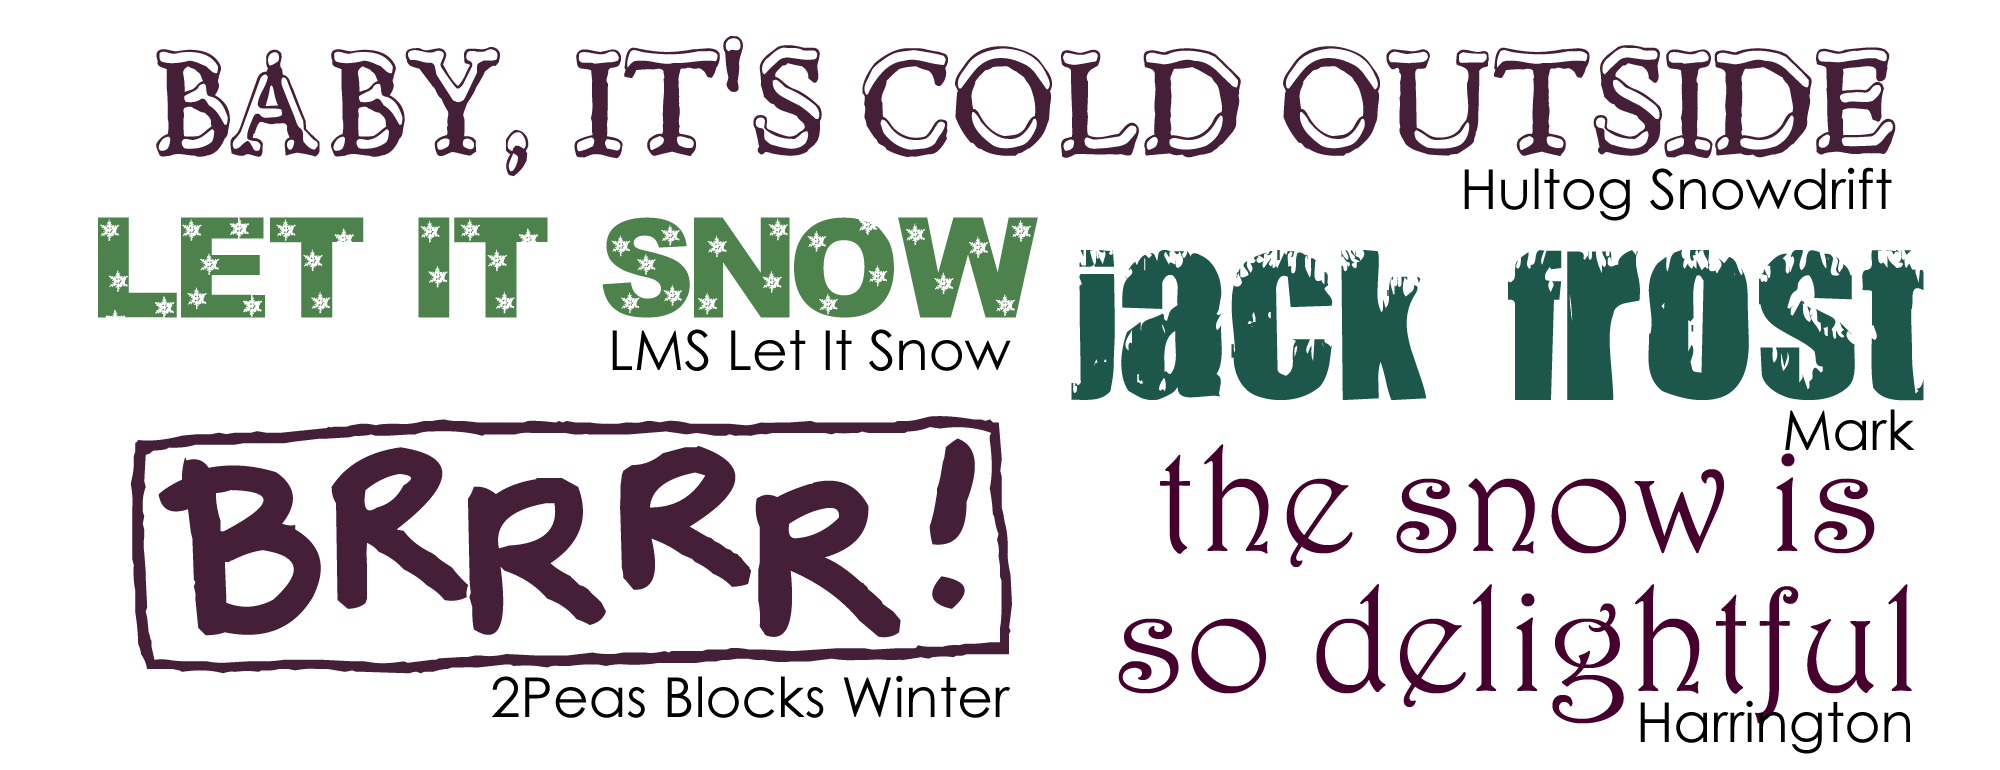 Clipart winter scrapbook. Scrapbooking themes quickstart images